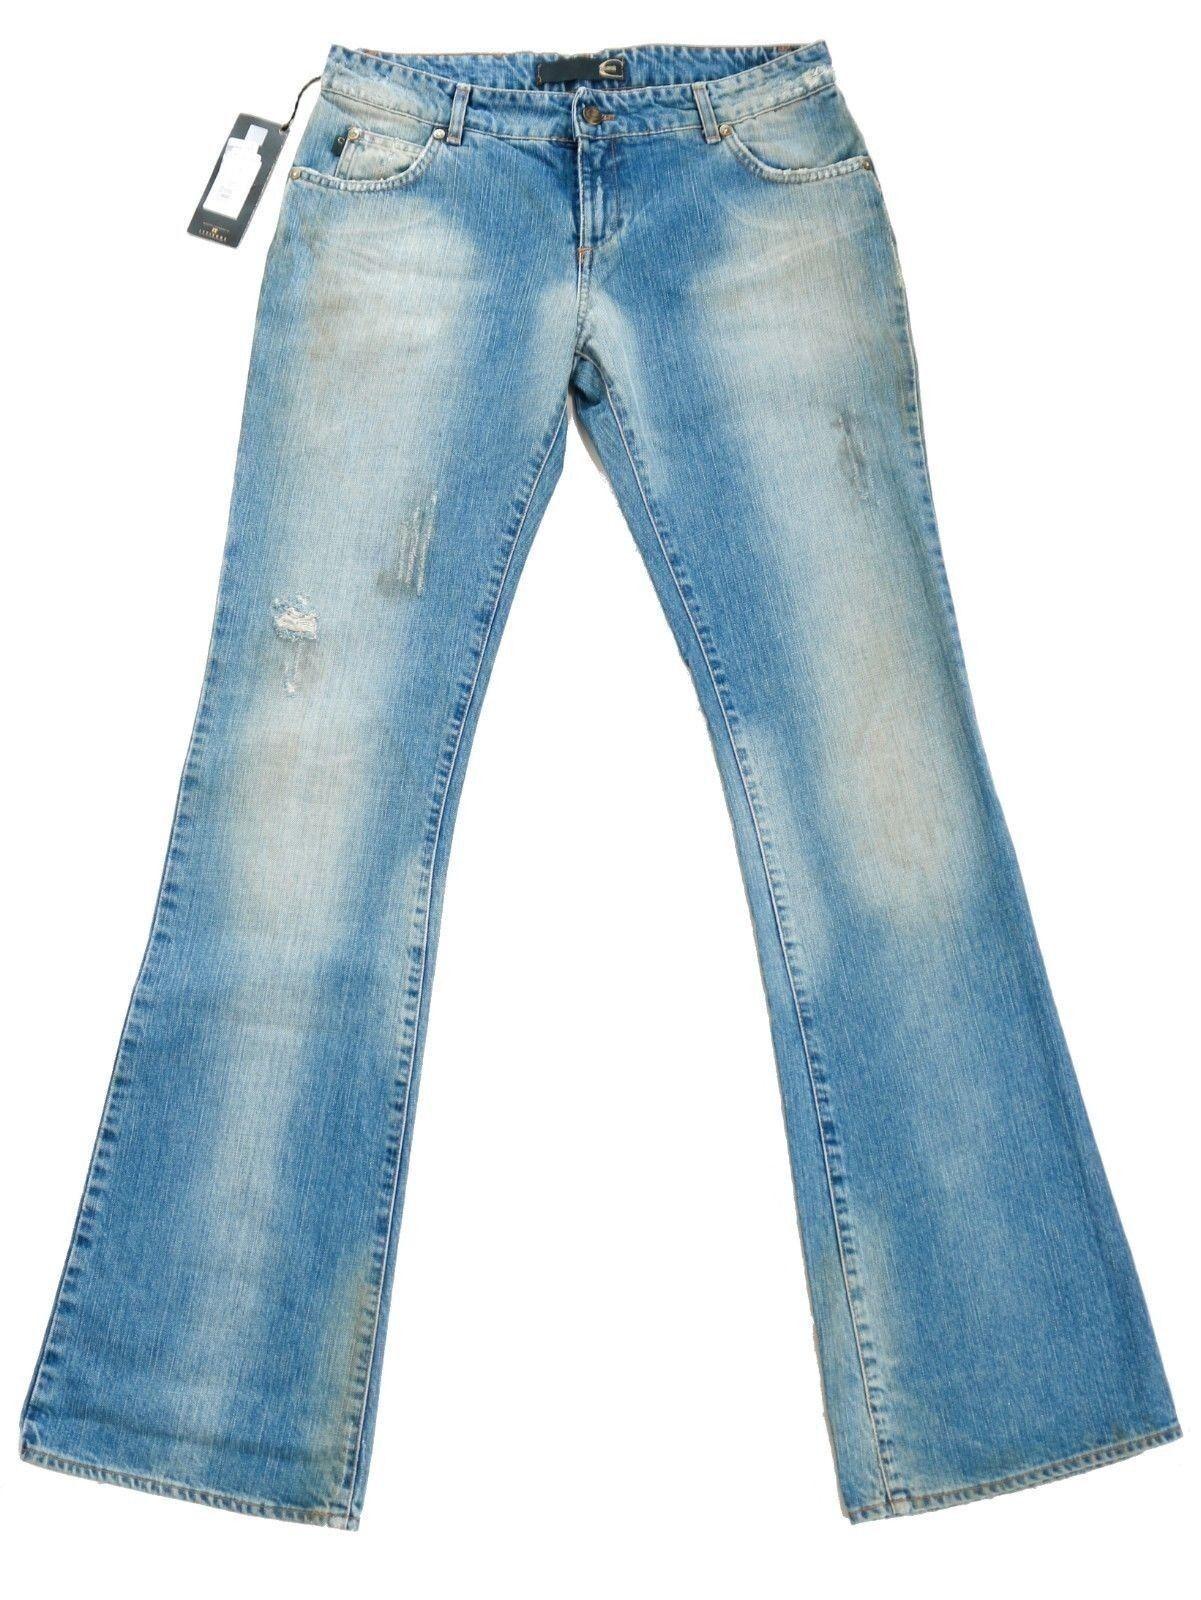 Just CAVALLI Donna Jeans Designer-Pantaloni   avvio-Cut   w30 l34   UVP